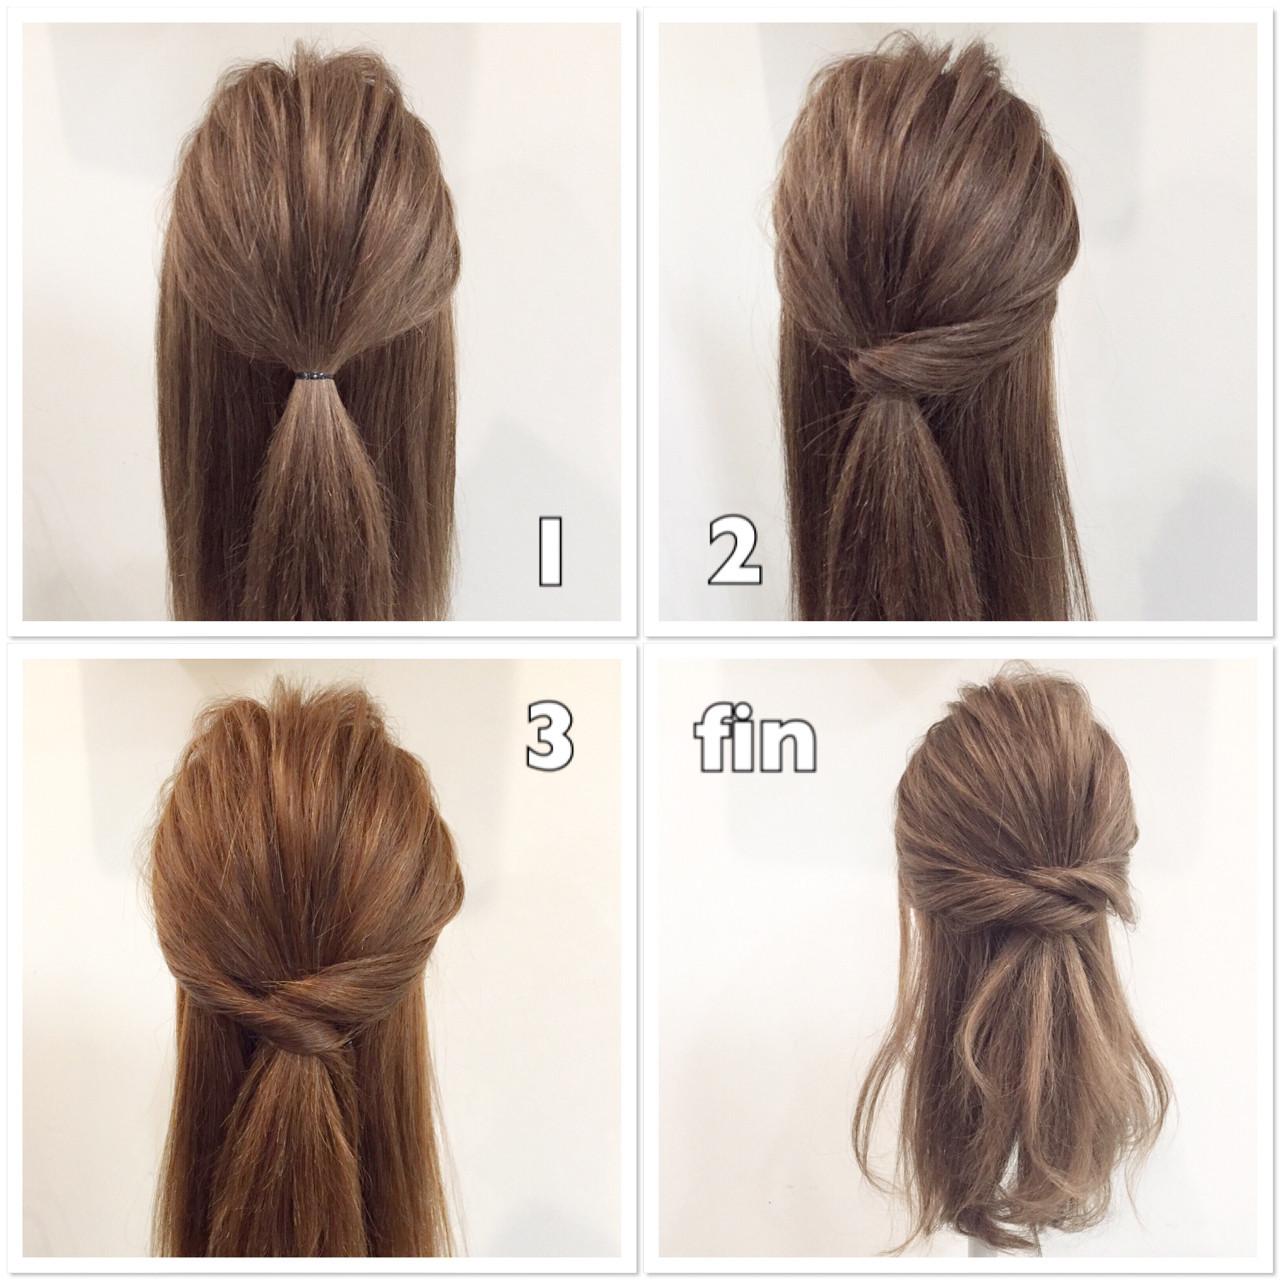 簡単で挑戦しやすい!直毛さんのためのヘアアレンジ集